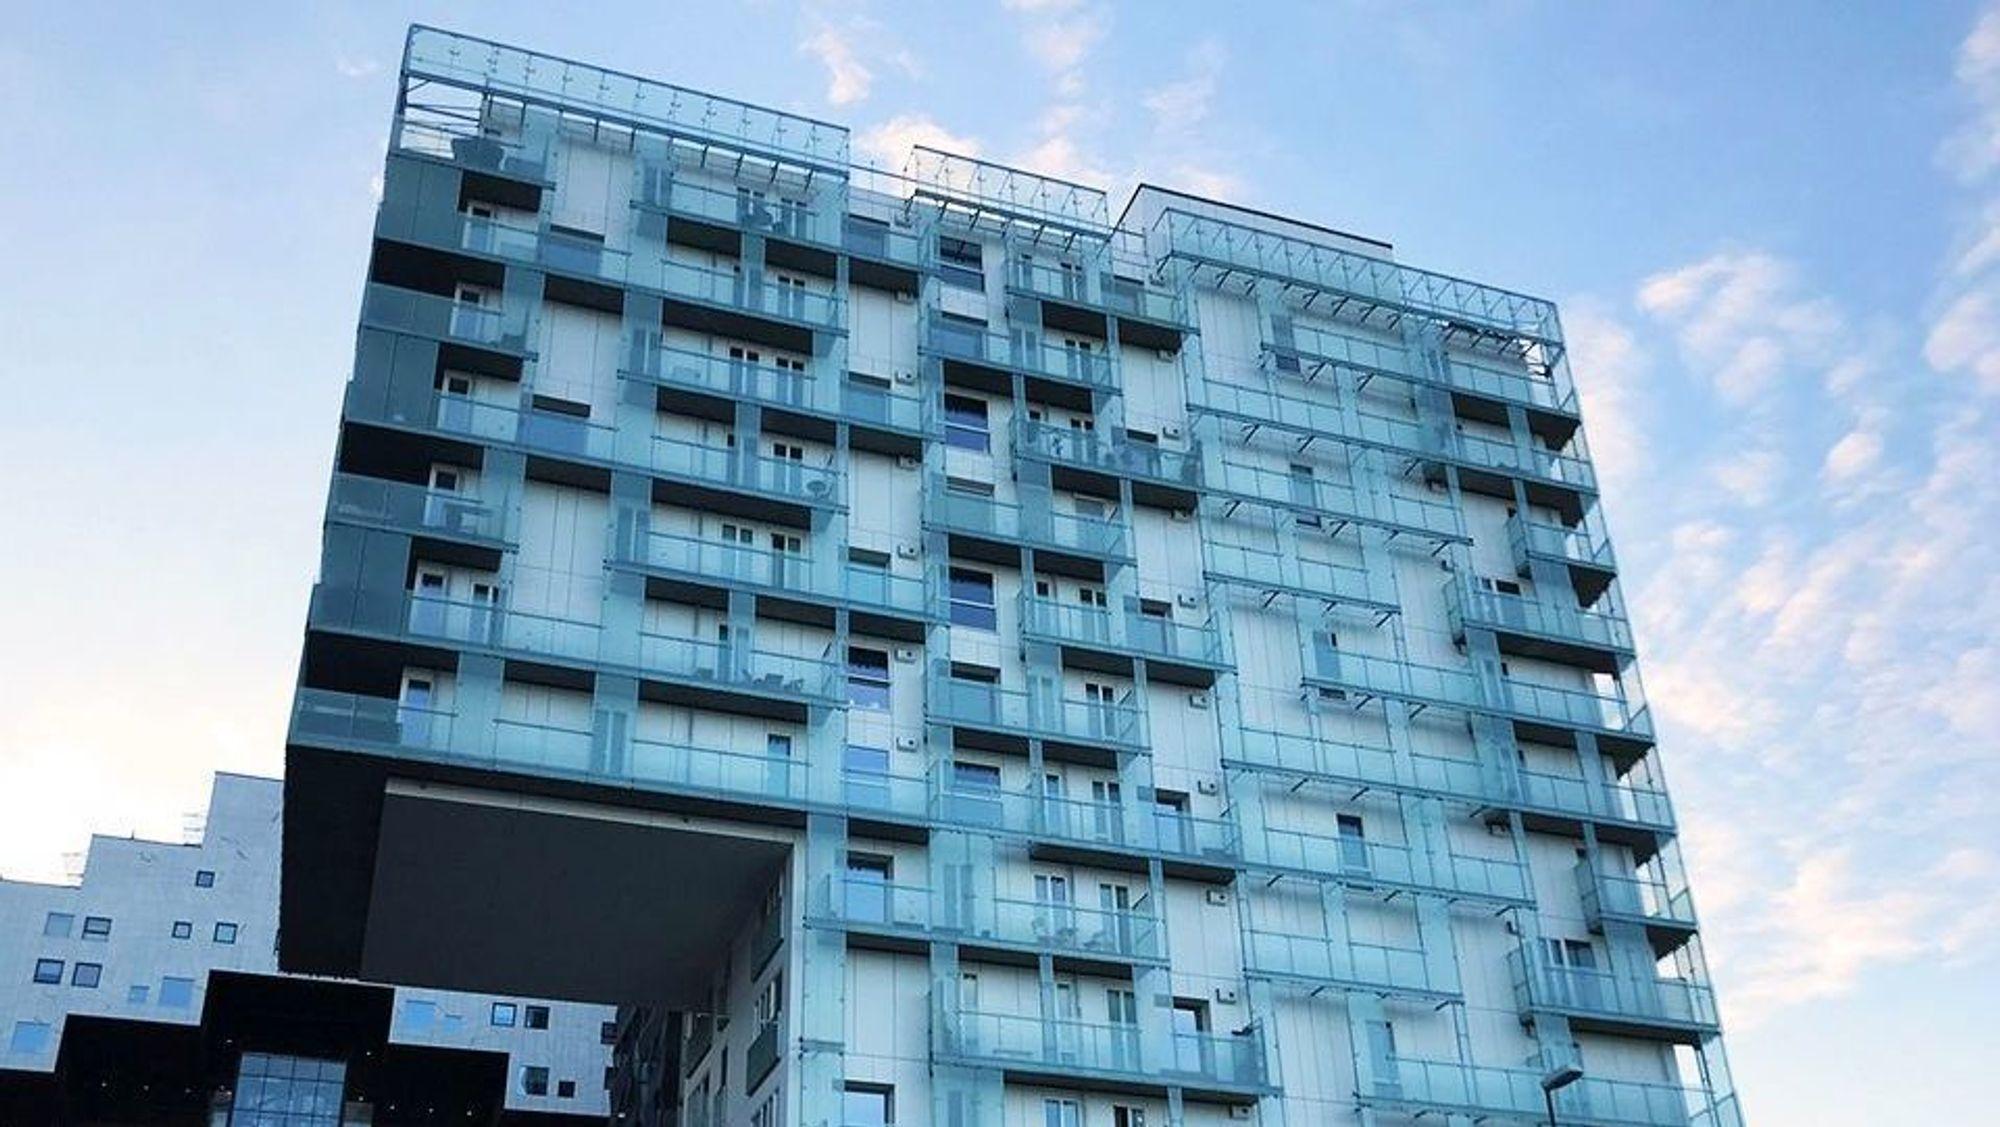 Prisene for leiligheter i borettslag har steget med 4,2 prosent hittil i år